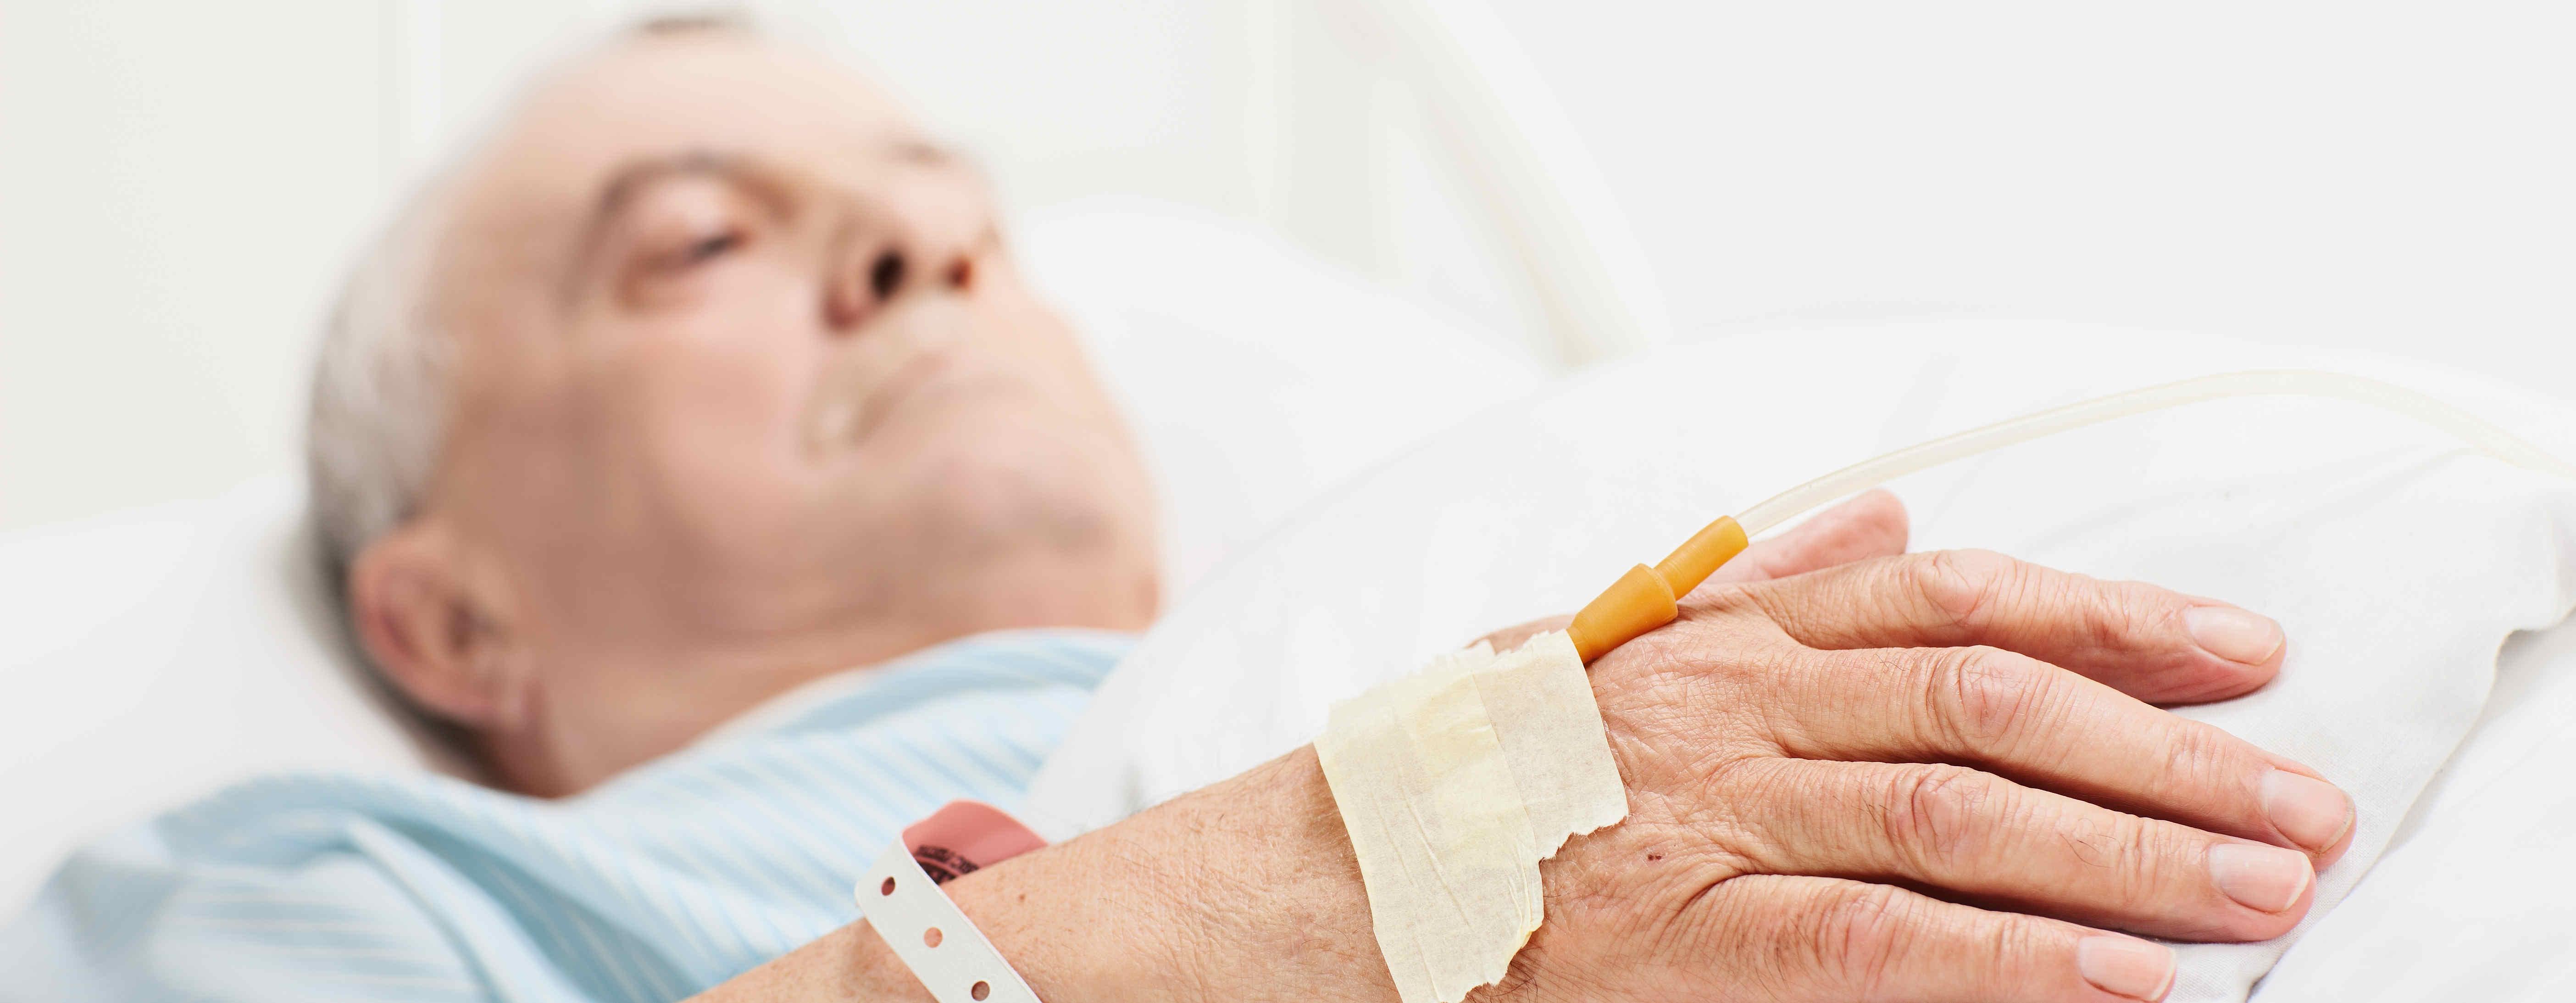 У вылечившихся от рака нашли посттравматическое расстройство